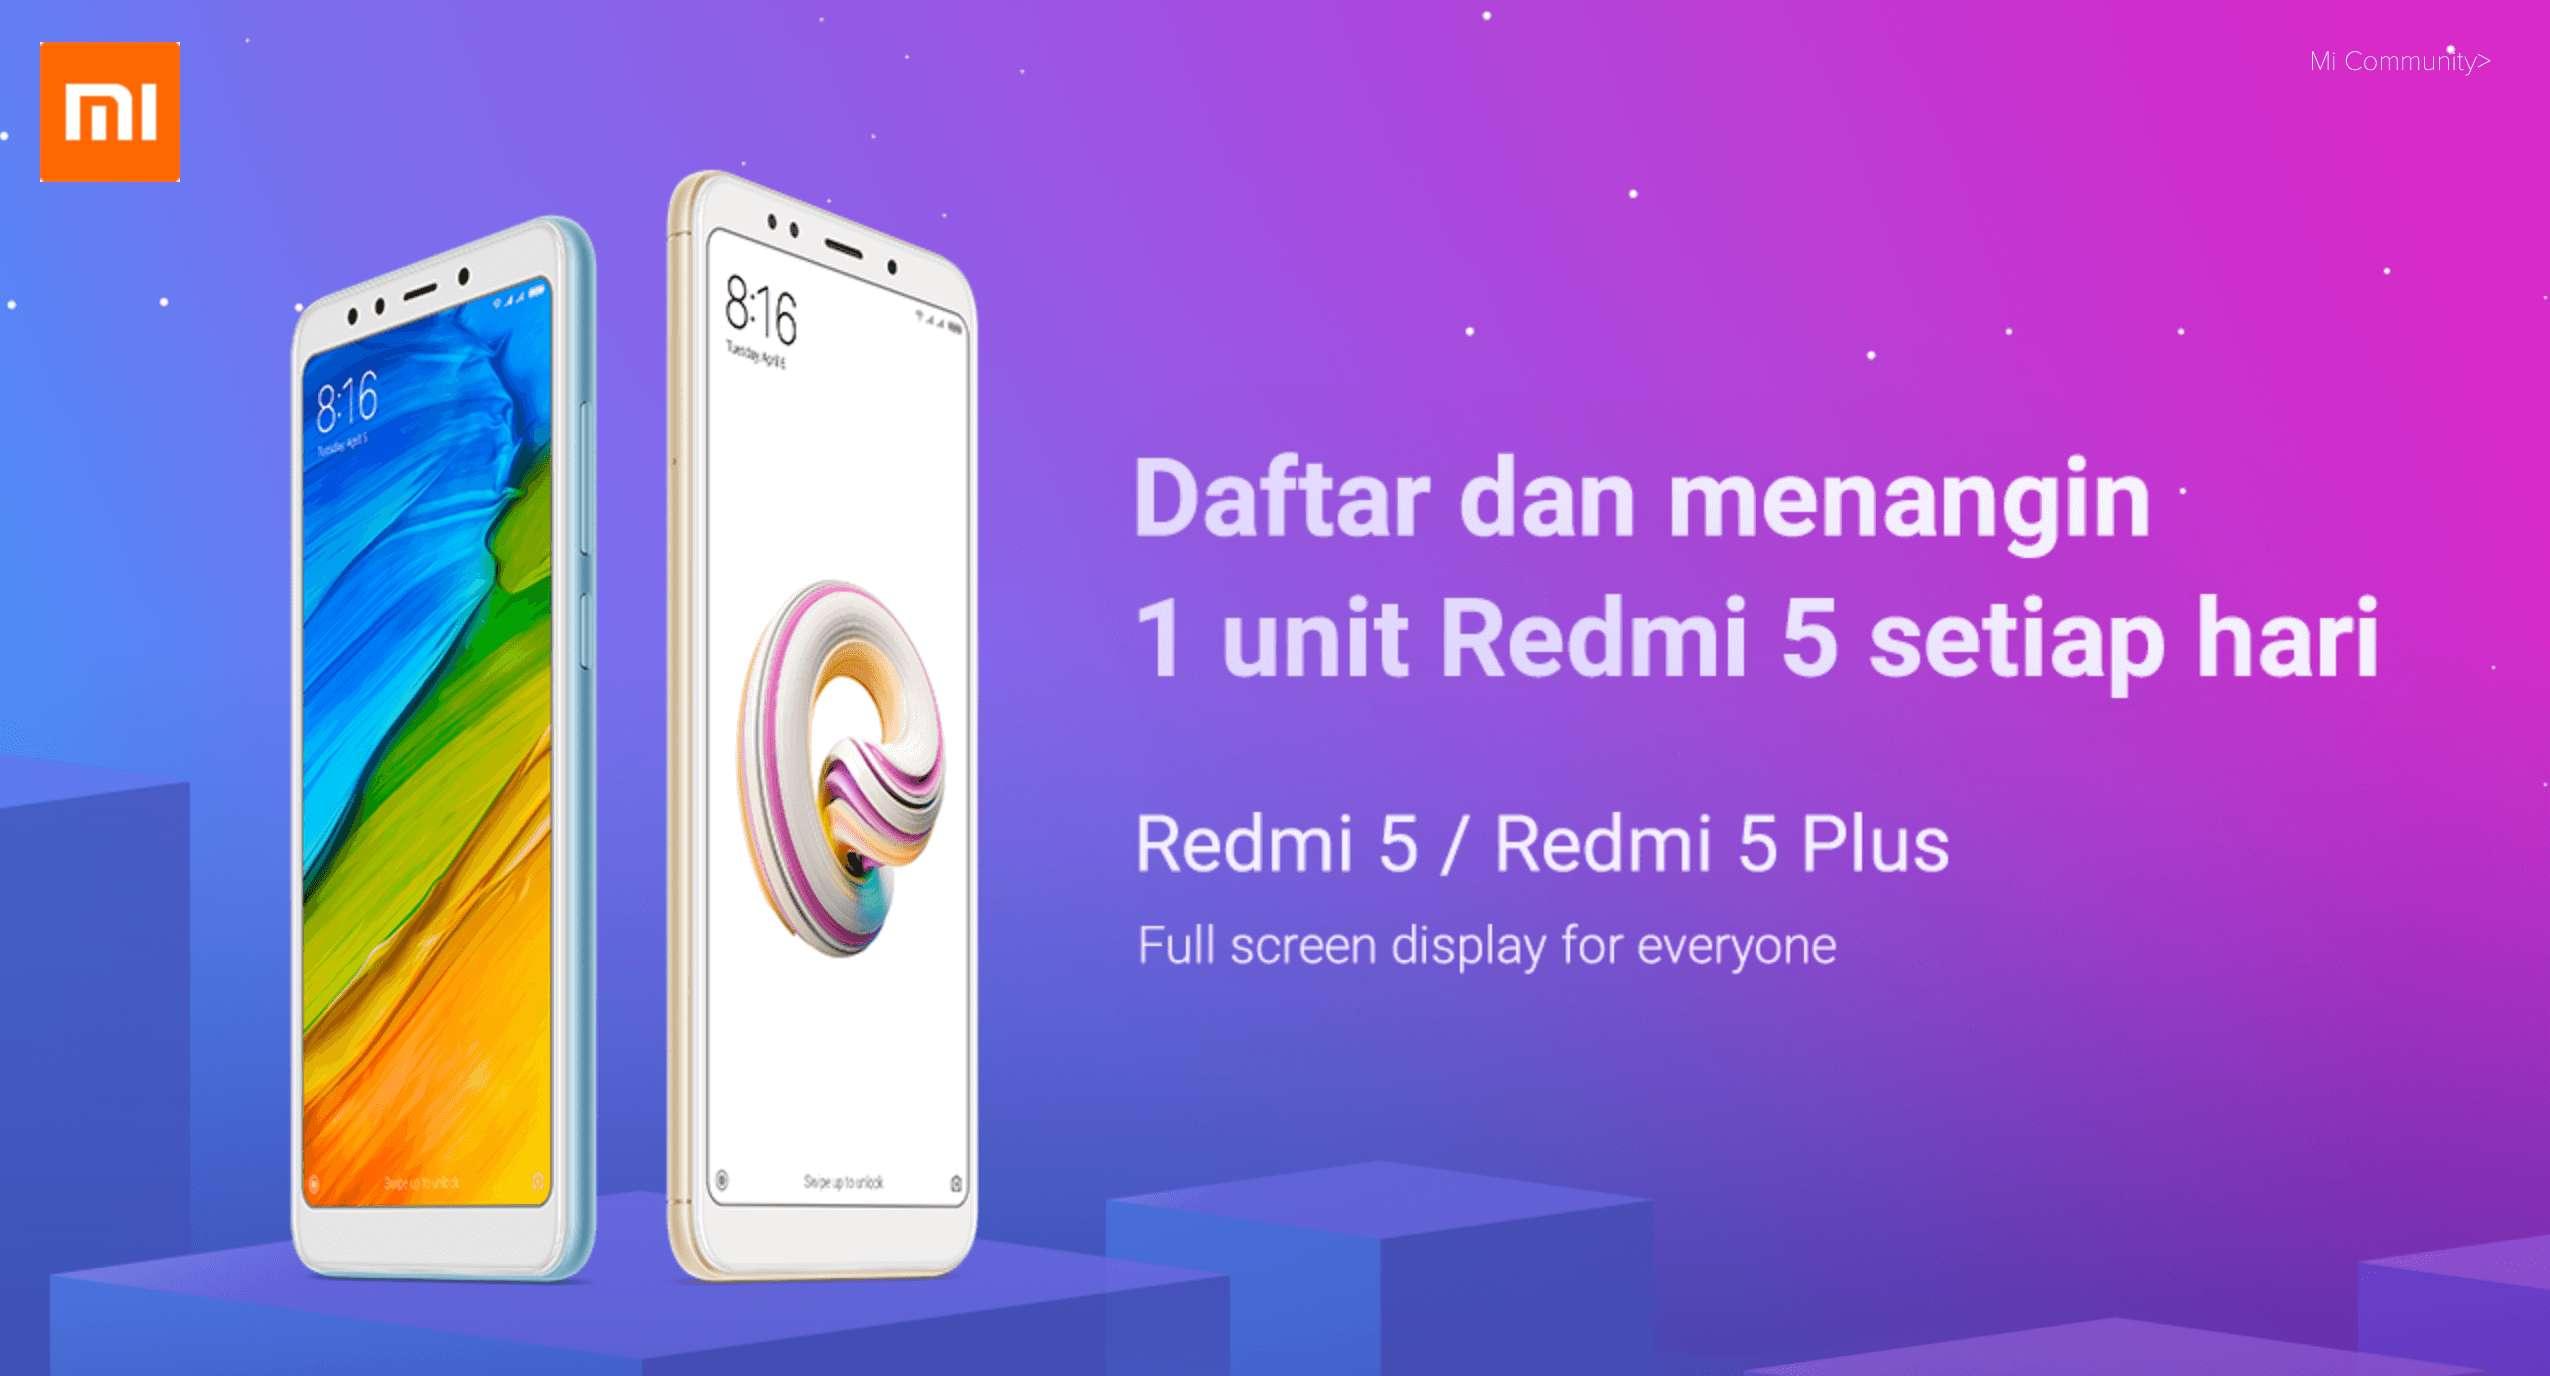 Gratis Xiaomi Redmi 5 Sampai 5 Hari